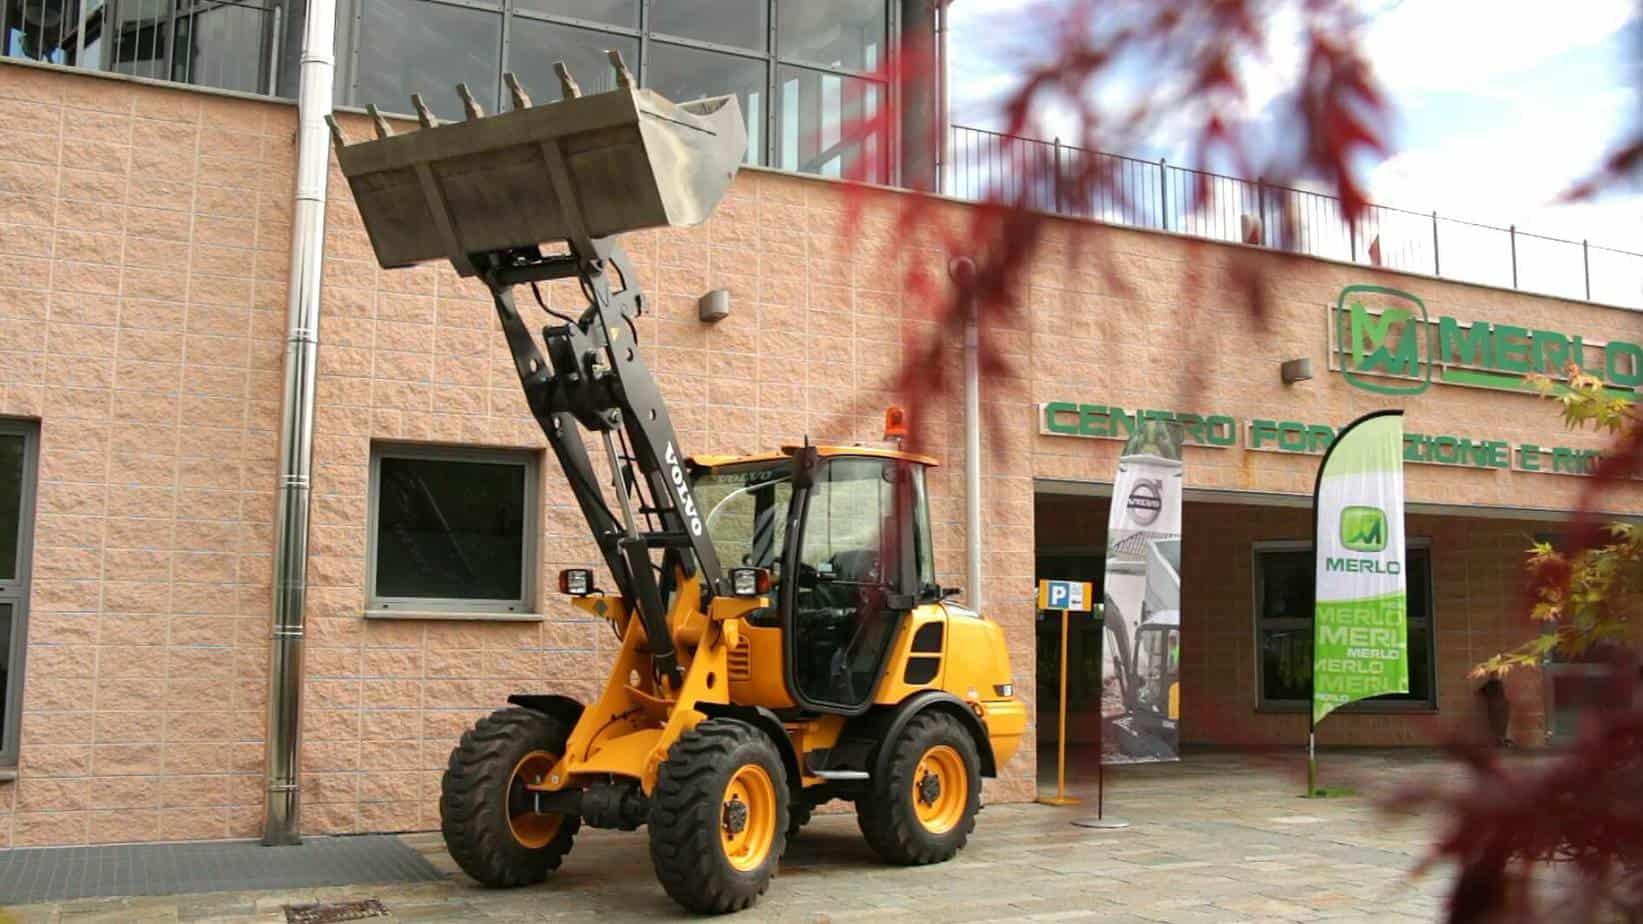 Con la presentazione ufficiale dei Corsi Macchine Movimento Terra, disponibili a partire da Maggio 2014, CFRM e Volvo CE Italia offrono agli operatori l'opportunità di frequentare il Centro più qualificato a livello nazionale per questo tipo di formazione